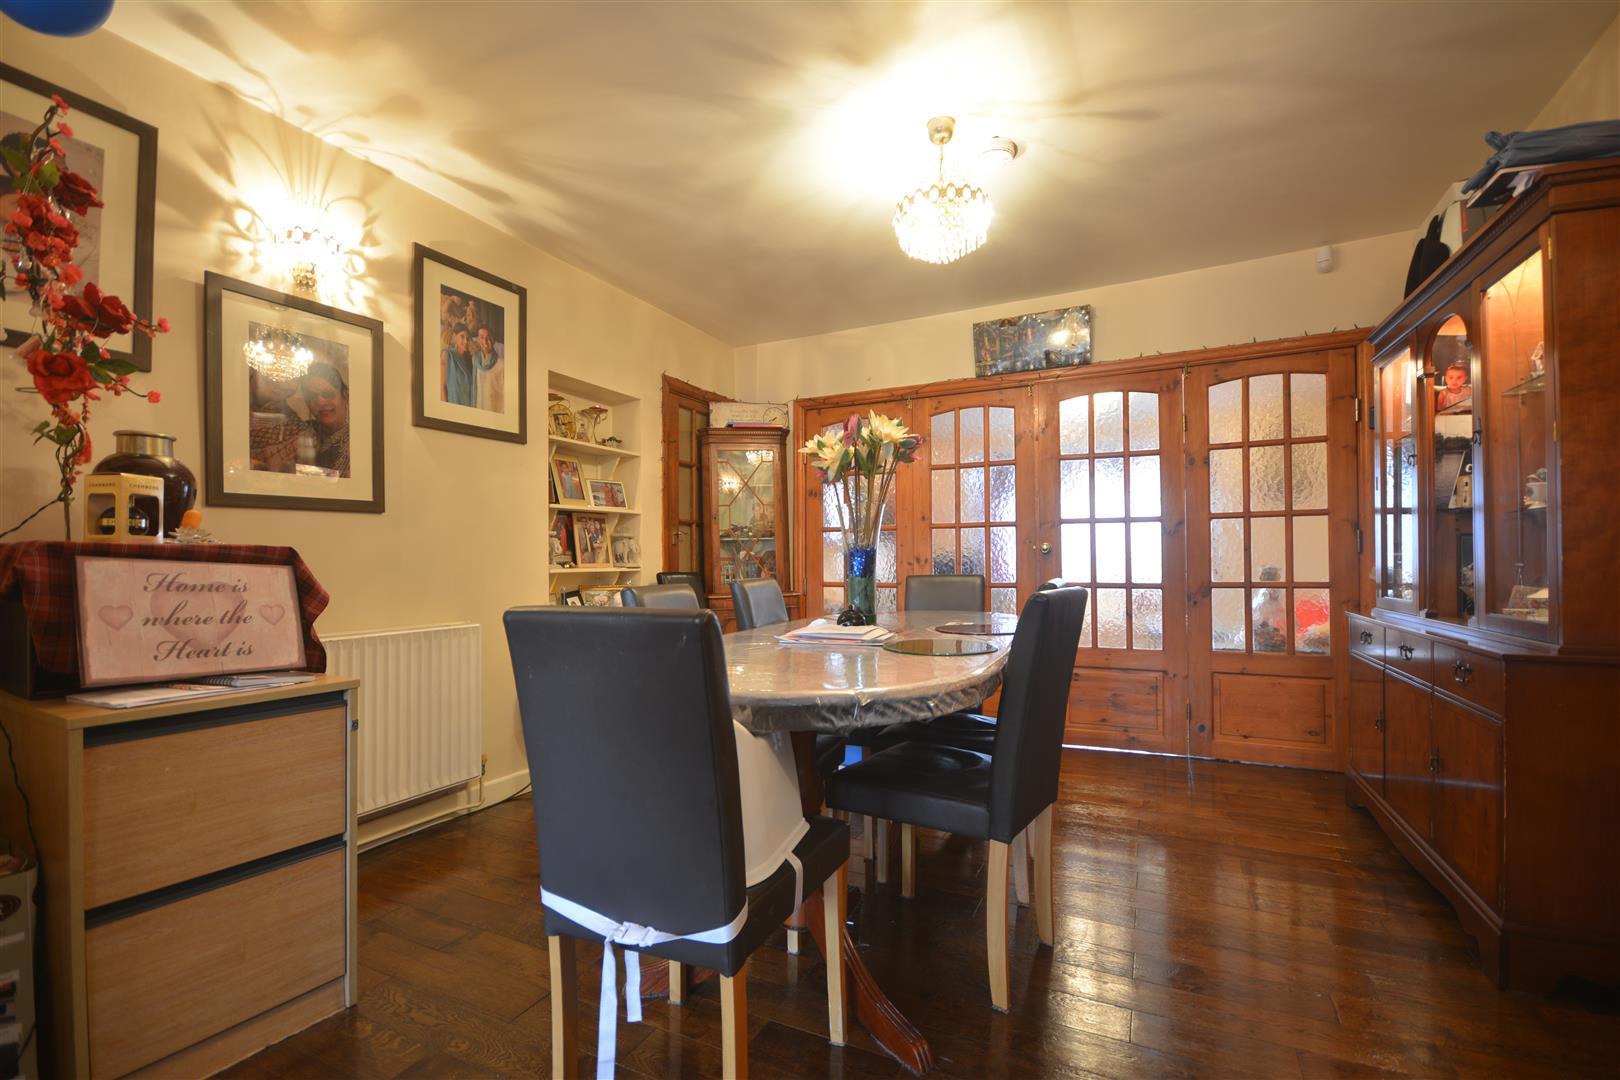 dining room alt 1.JPG